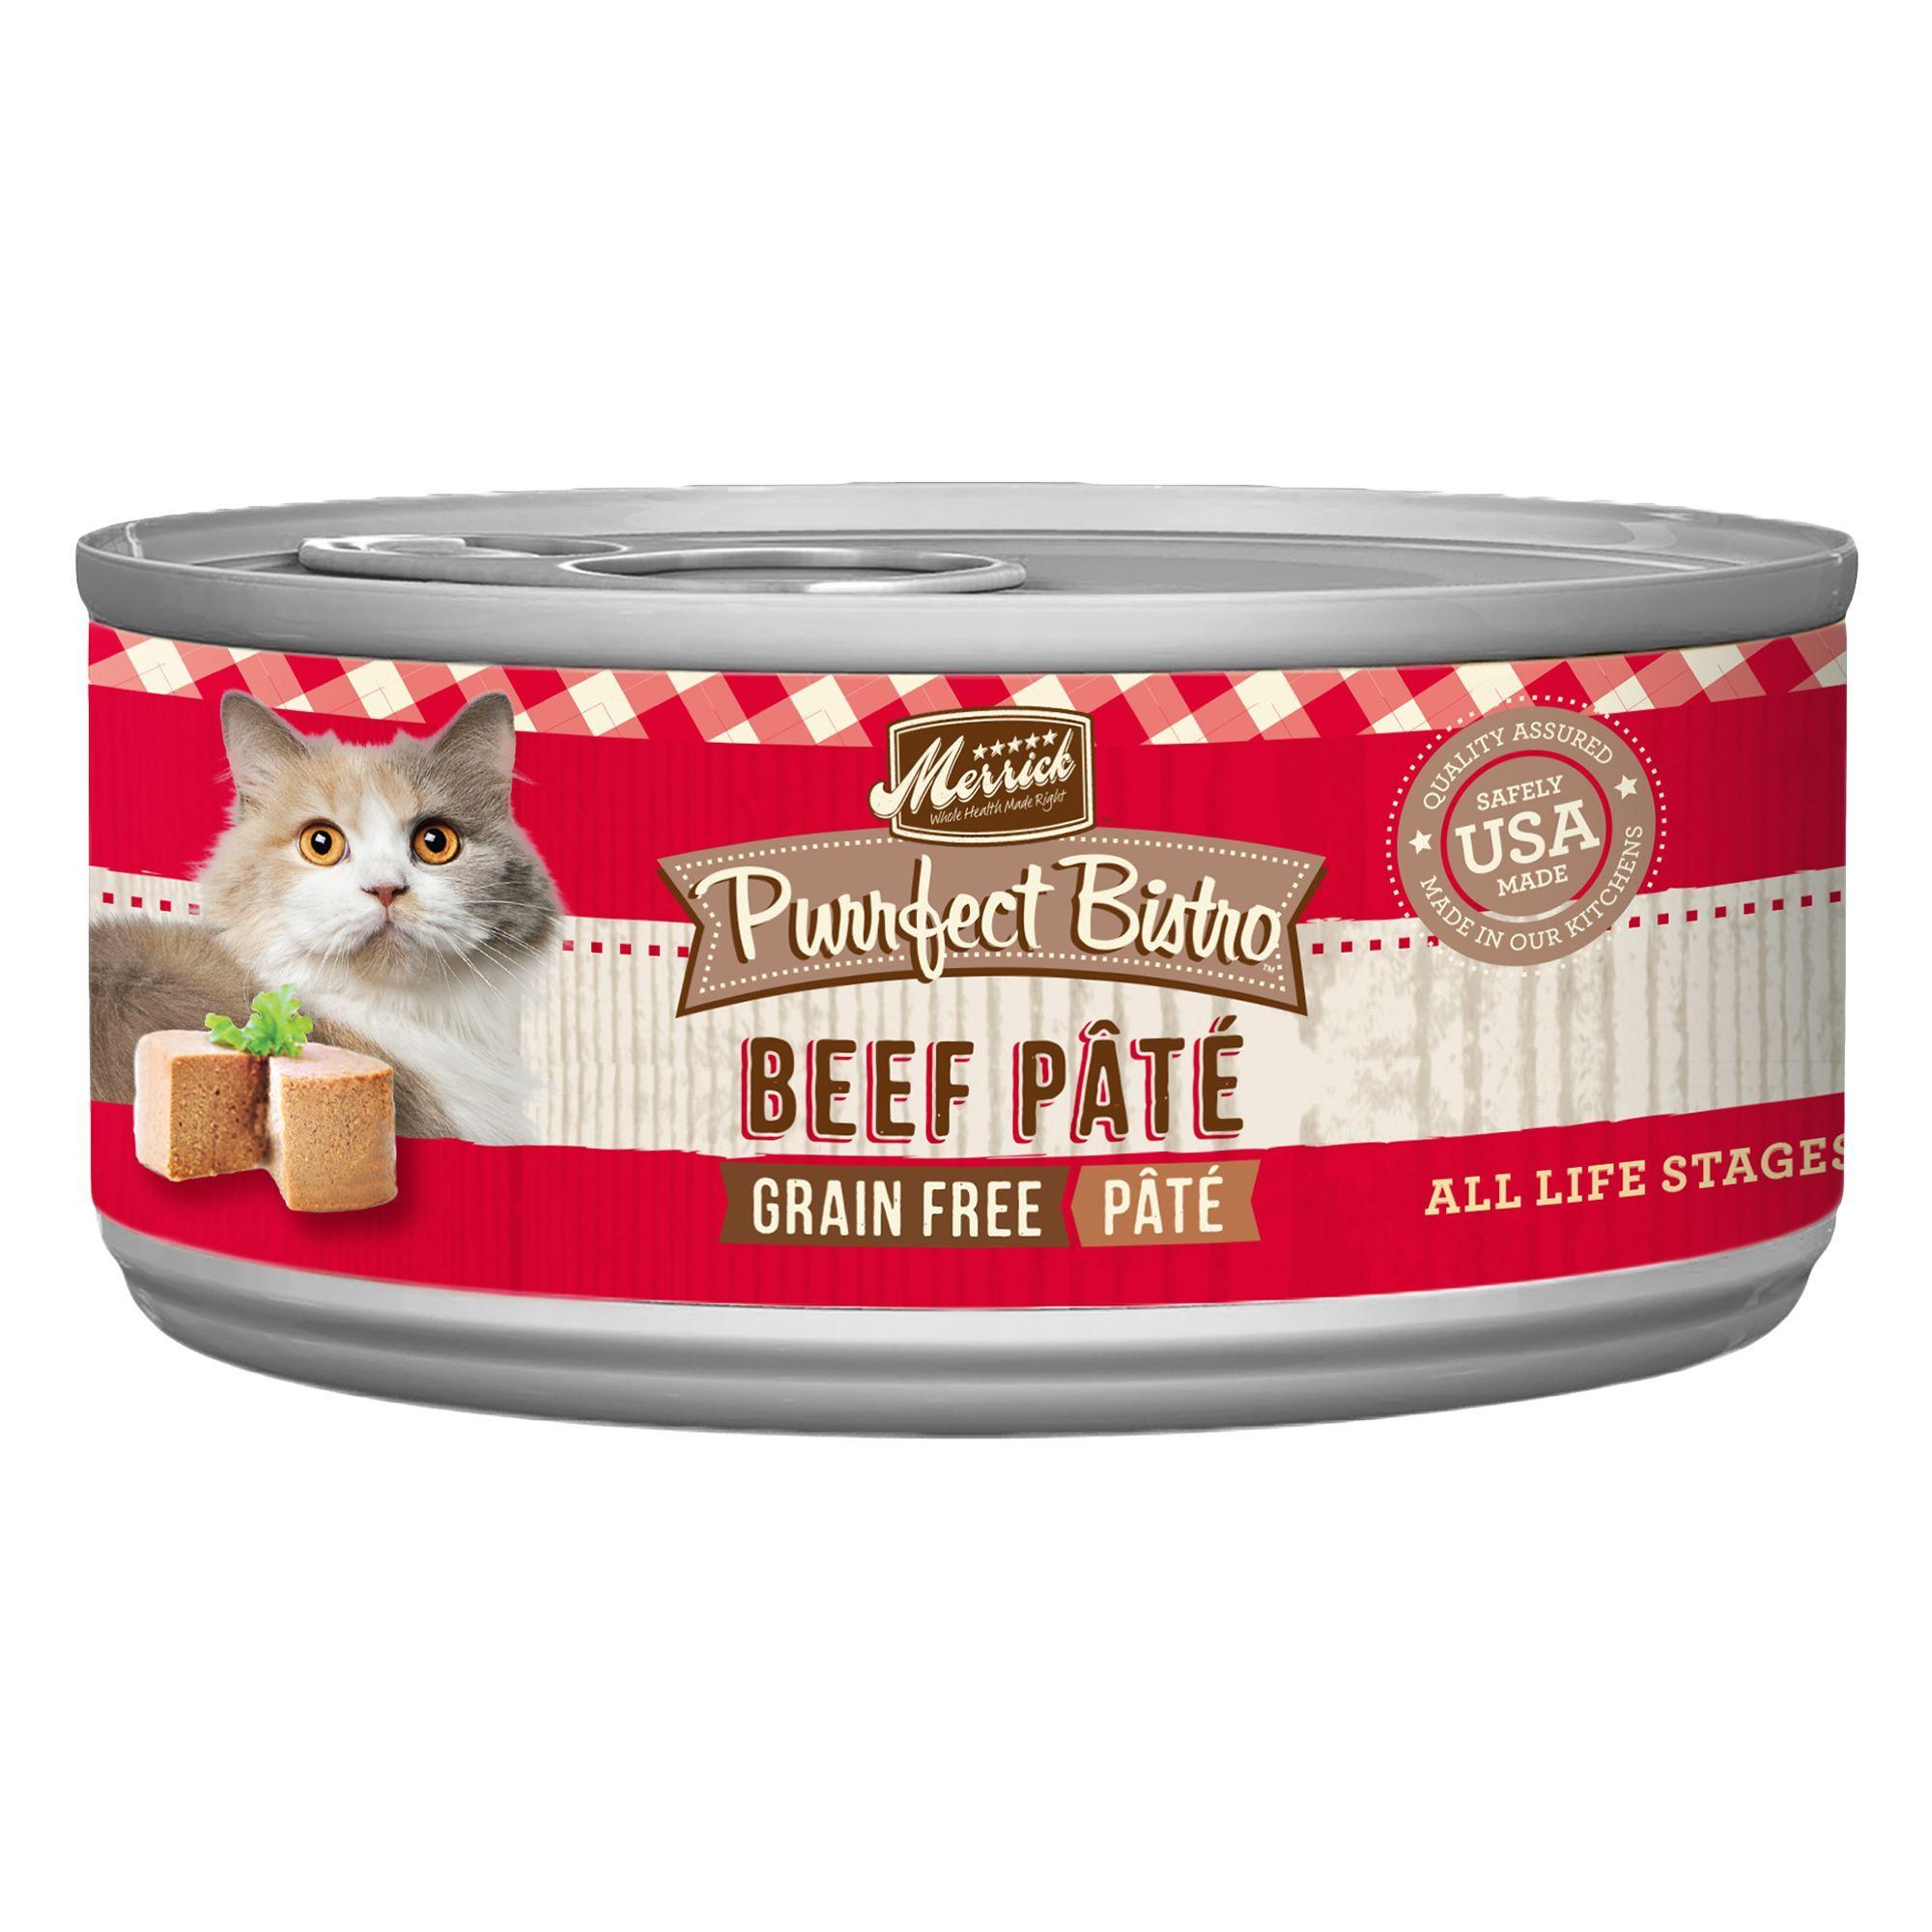 Merrick Purrfect Bistro Pate Wet Cat Food Natural Grain Free